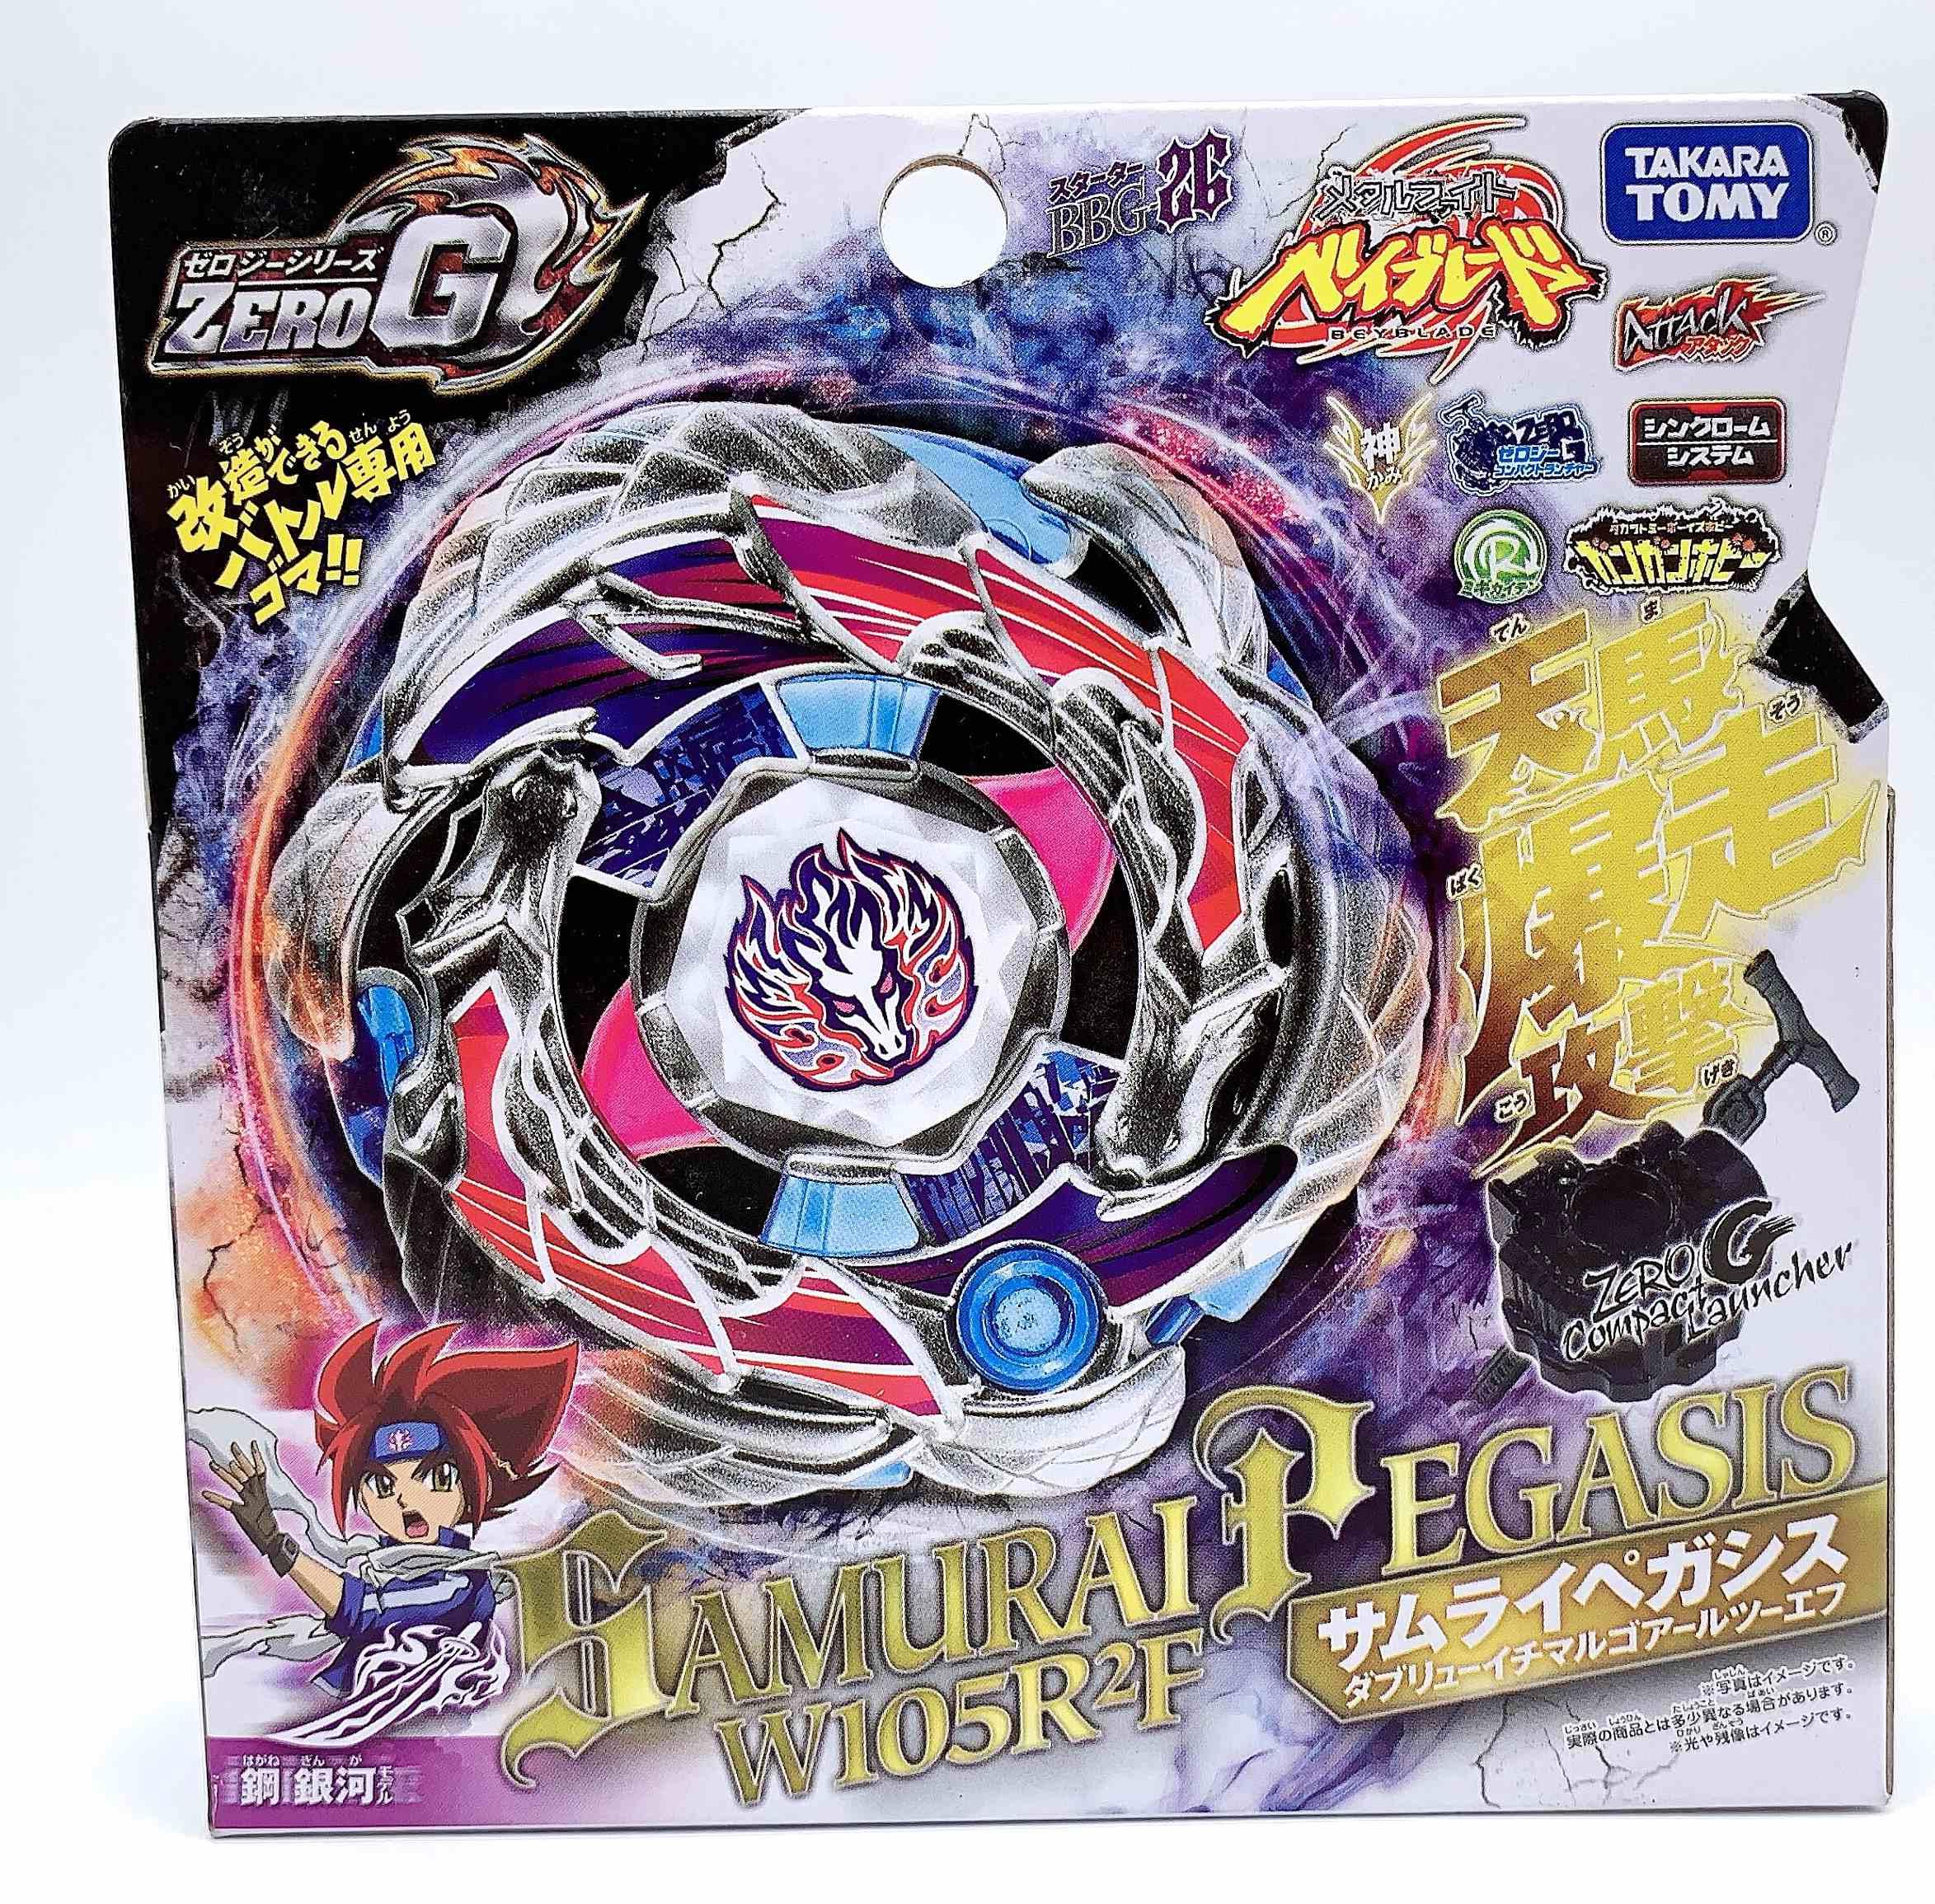 100% Takara Tomy Beyblade Zero-G Beyblade Samurai Pegasus W105R2F BBG-26 con lanzador compacto como juguetes para el Día de los niños